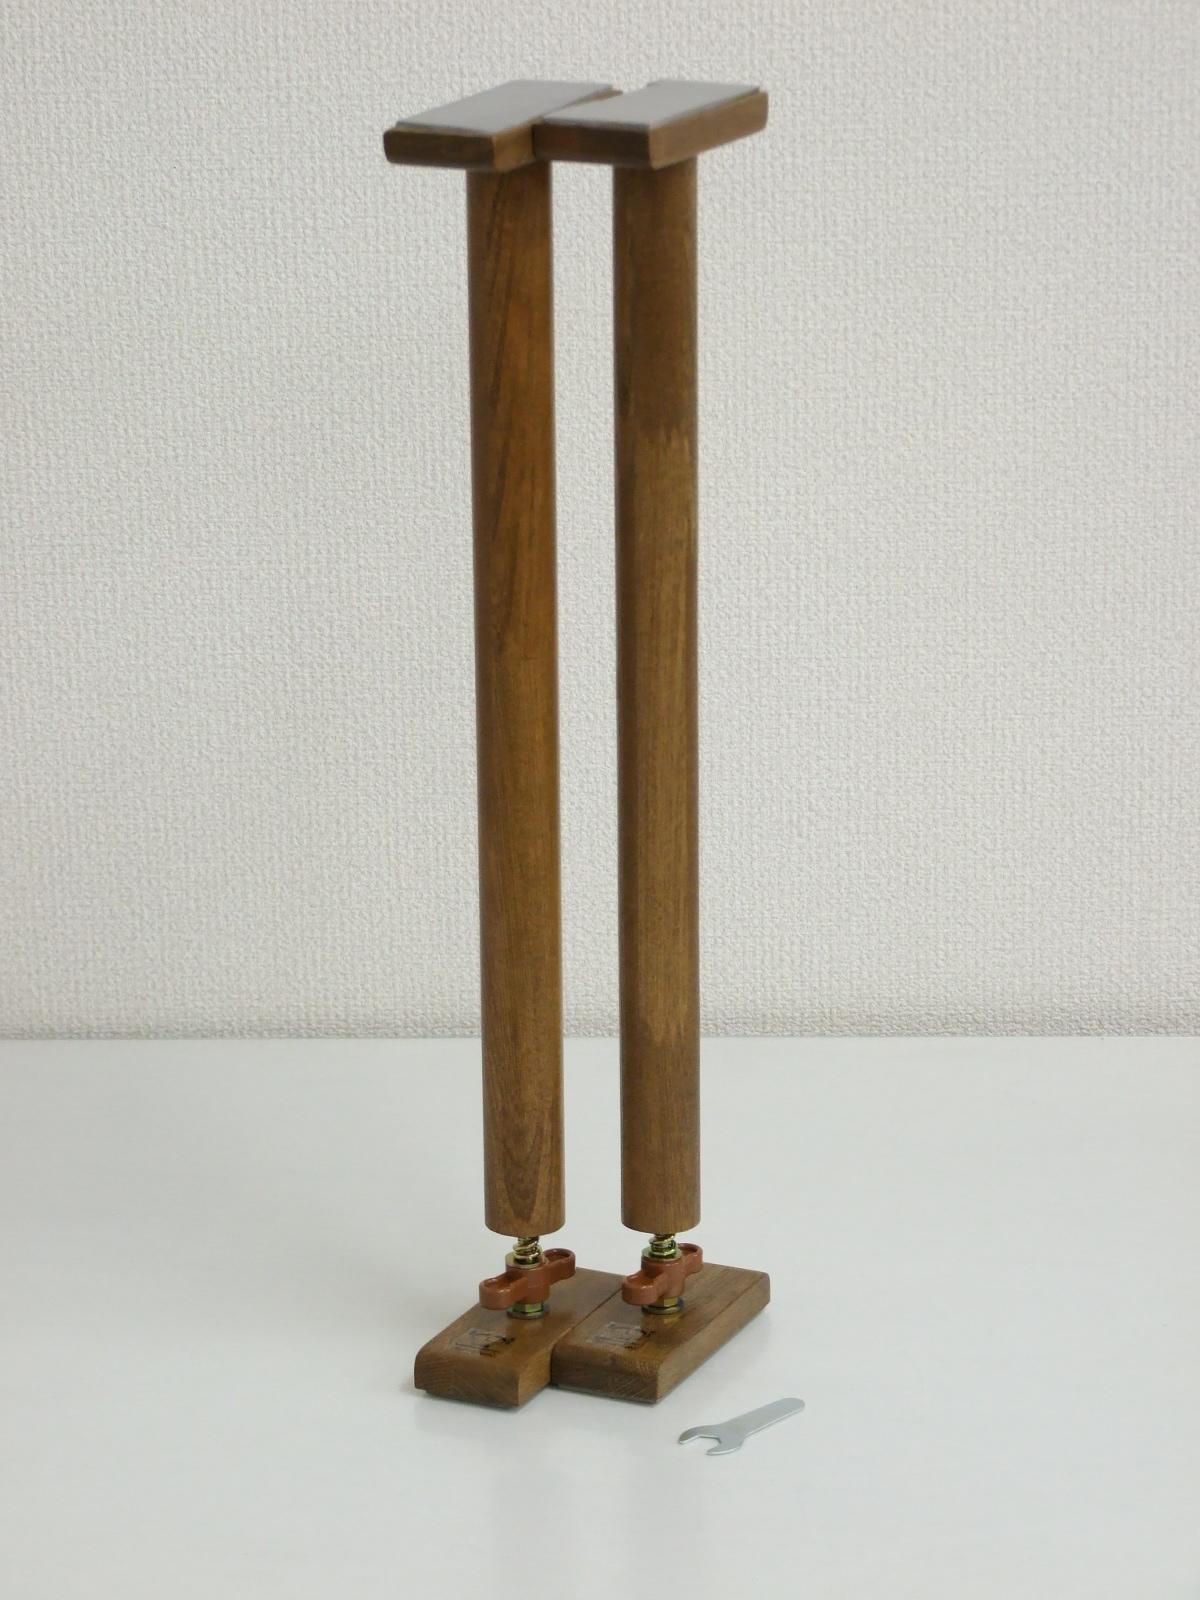 家具調 木製つっぱりポール